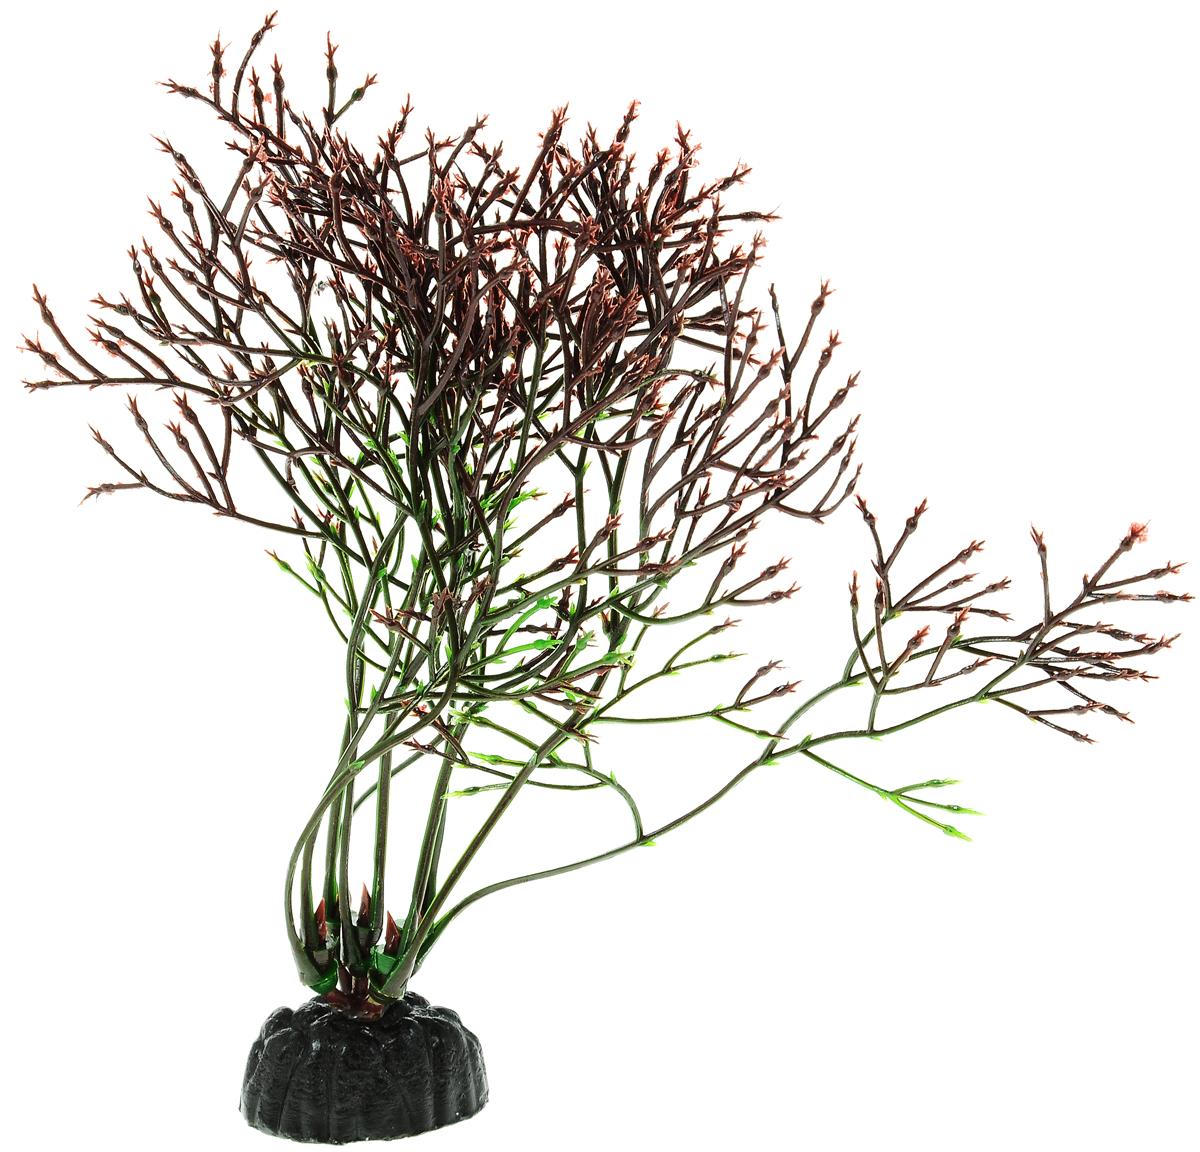 Растение для аквариума Barbus Горгонария, пластиковое, цвет: темно-коричневый, зеленый, высота 10 см0120710Растение для аквариума Barbus Горгонария, выполненное из качественного пластика, станет оригинальным украшением вашего аквариума. Пластиковое растение идеально подходит для дизайна всех видов аквариумов. Оно абсолютно безопасно, не токсично, нейтрально к водному балансу, устойчиво к истиранию краски, подходит как для пресноводного, так и для морского аквариума. Растение Barbus поможет вам смоделировать потрясающий пейзаж на дне вашего аквариума или террариума. Высота растения: 10 см.